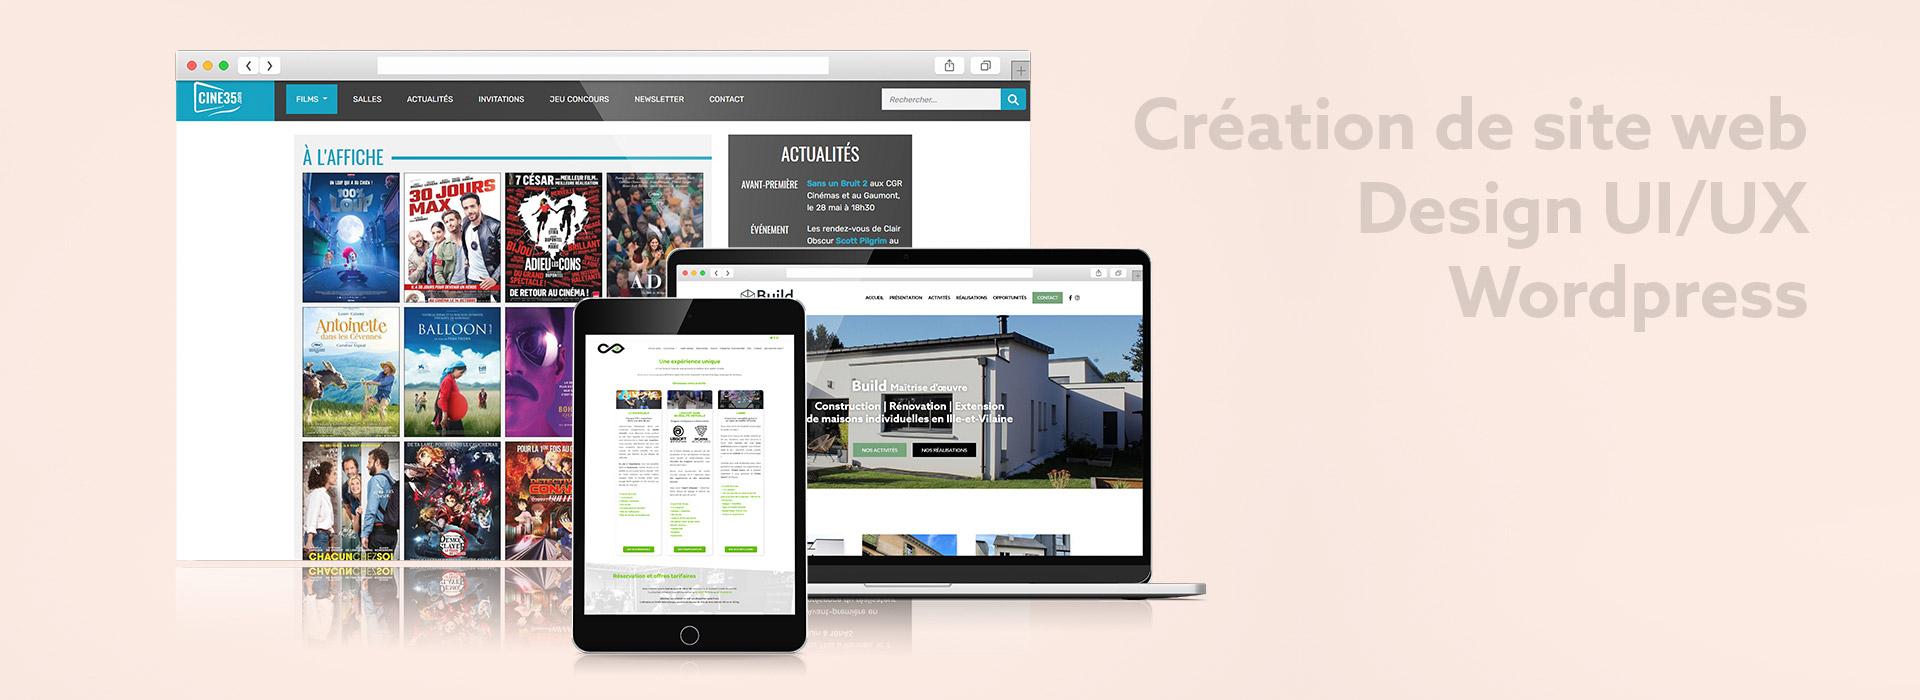 Création de site web - Jérémy Cochet graphiste print & web